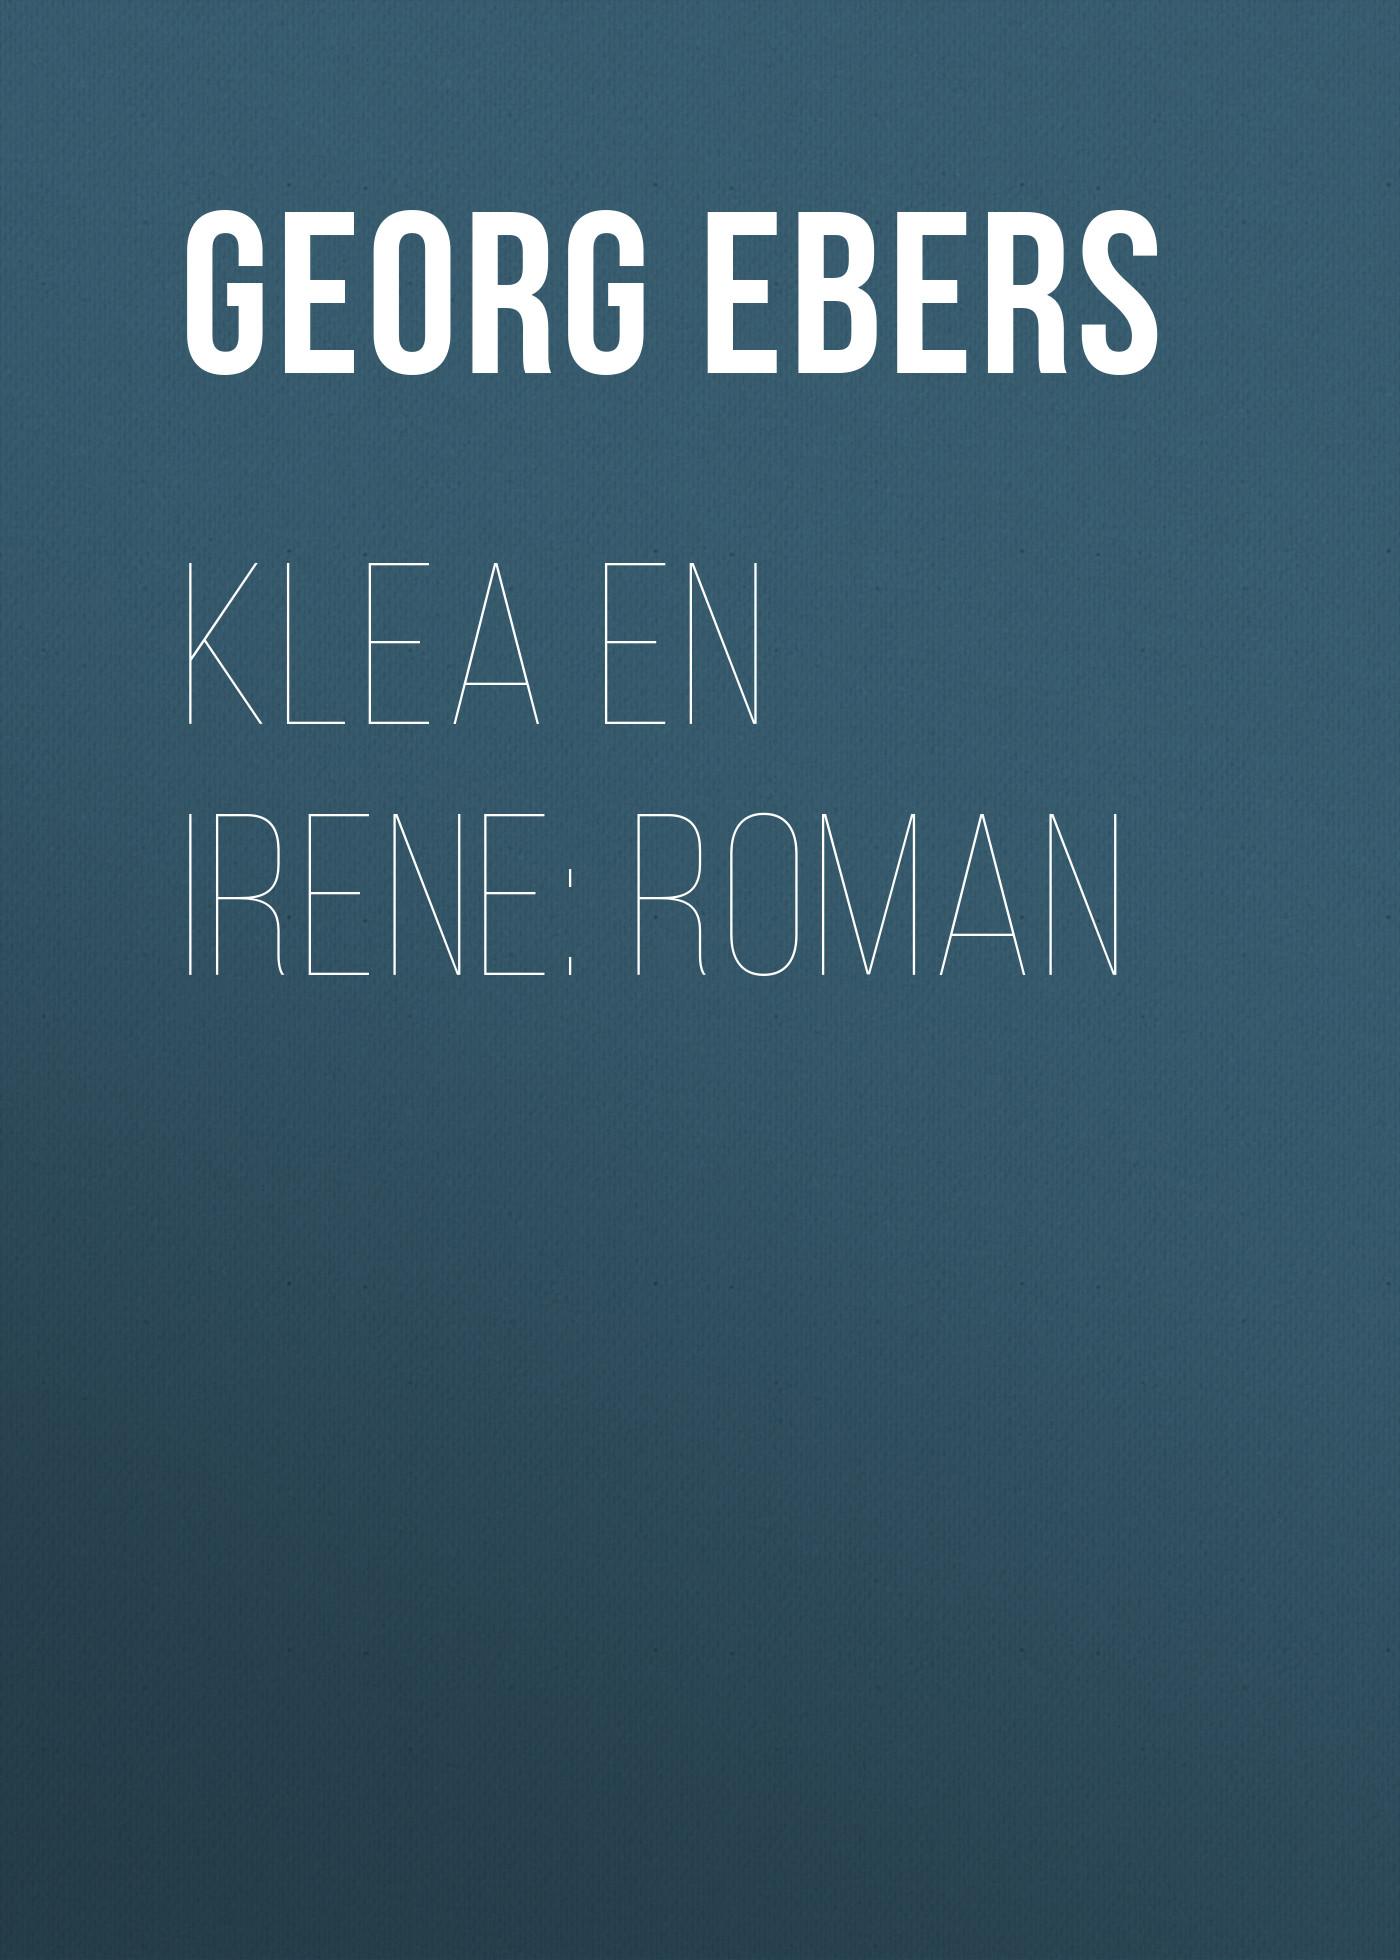 Georg Ebers Klea en Irene: roman georg ebers de nijlbruid